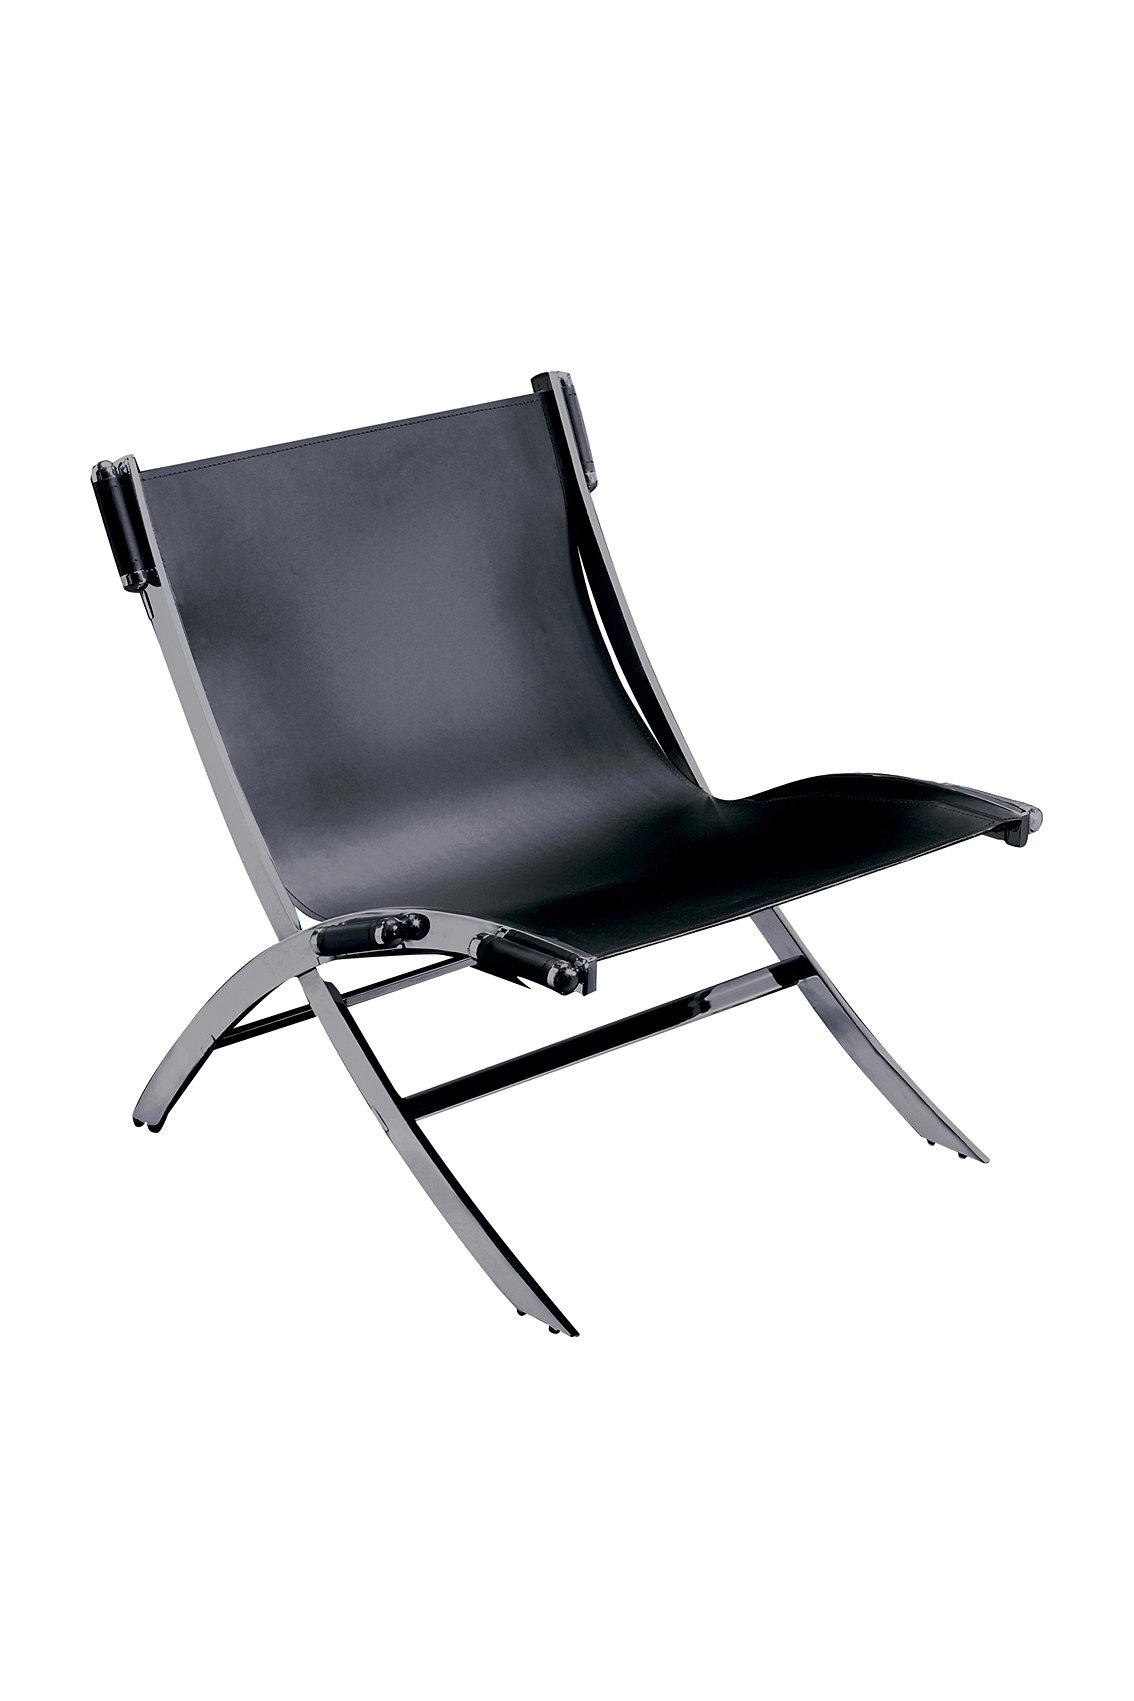 lounge chair kolton sessel heldth dan form denmark. Black Bedroom Furniture Sets. Home Design Ideas